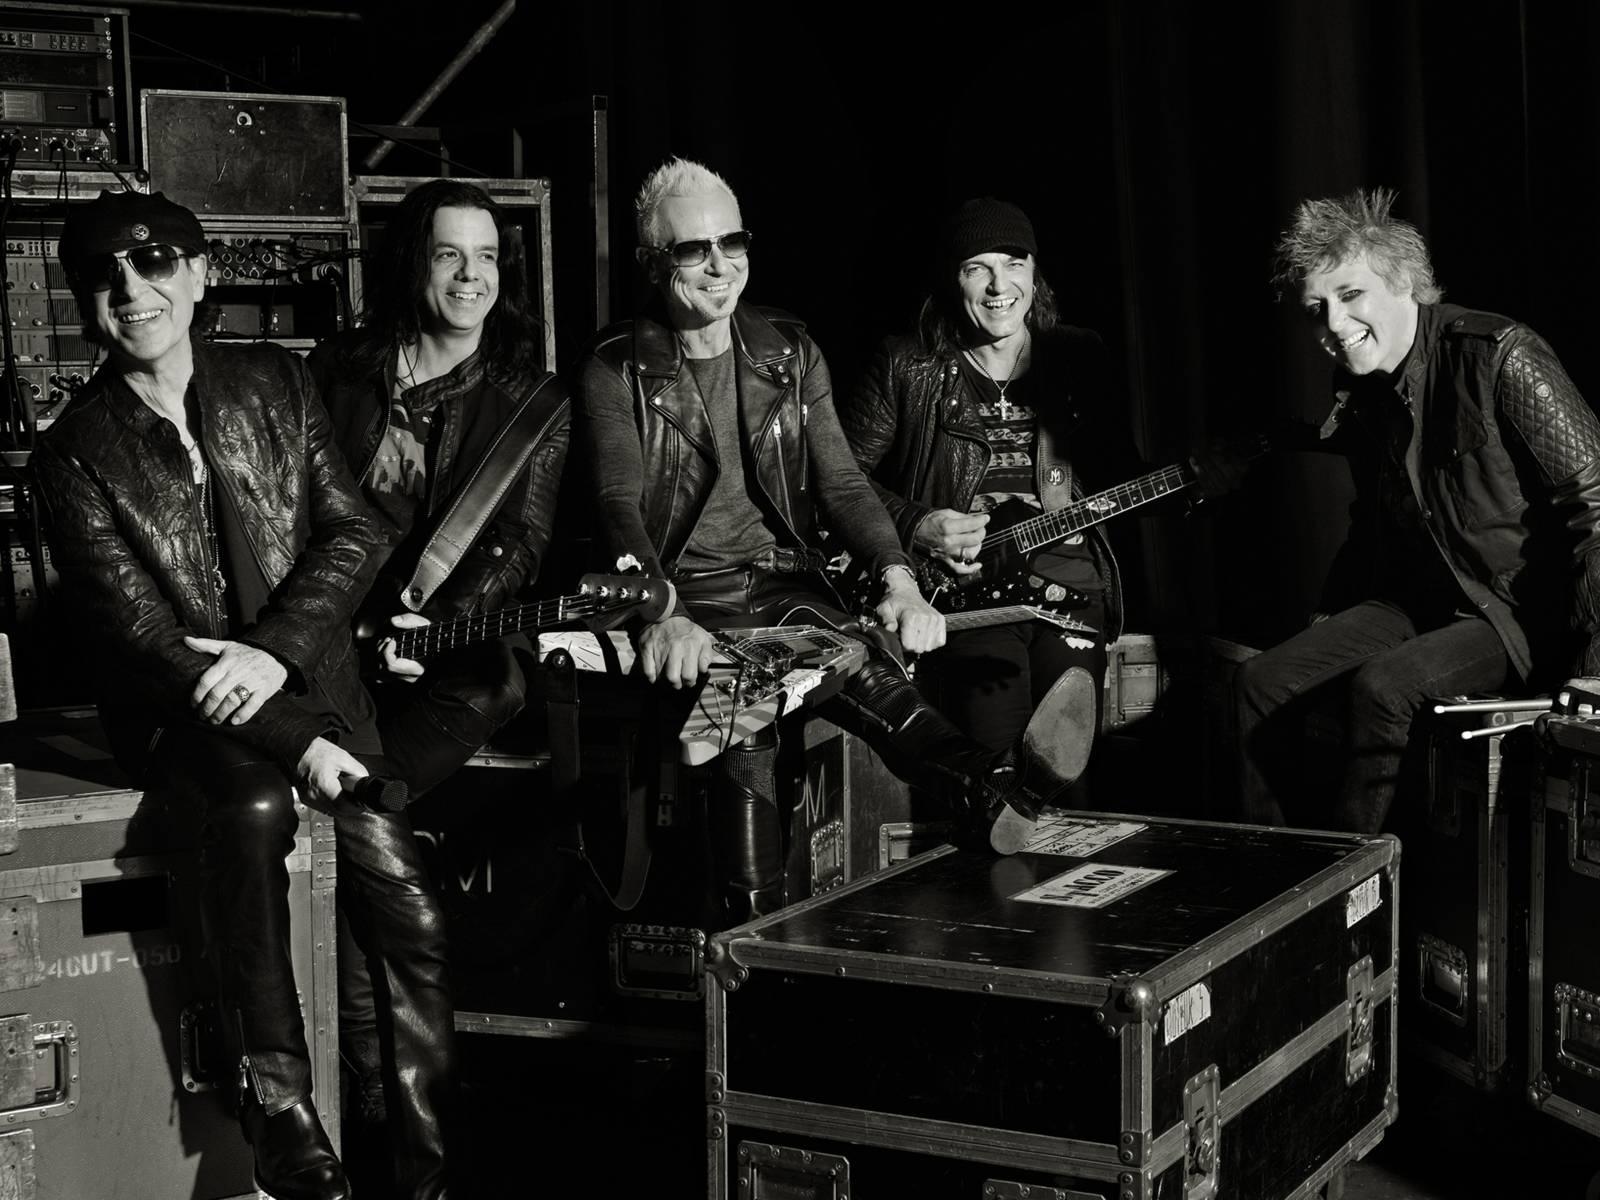 Fünf Männer mit Instrumenten.